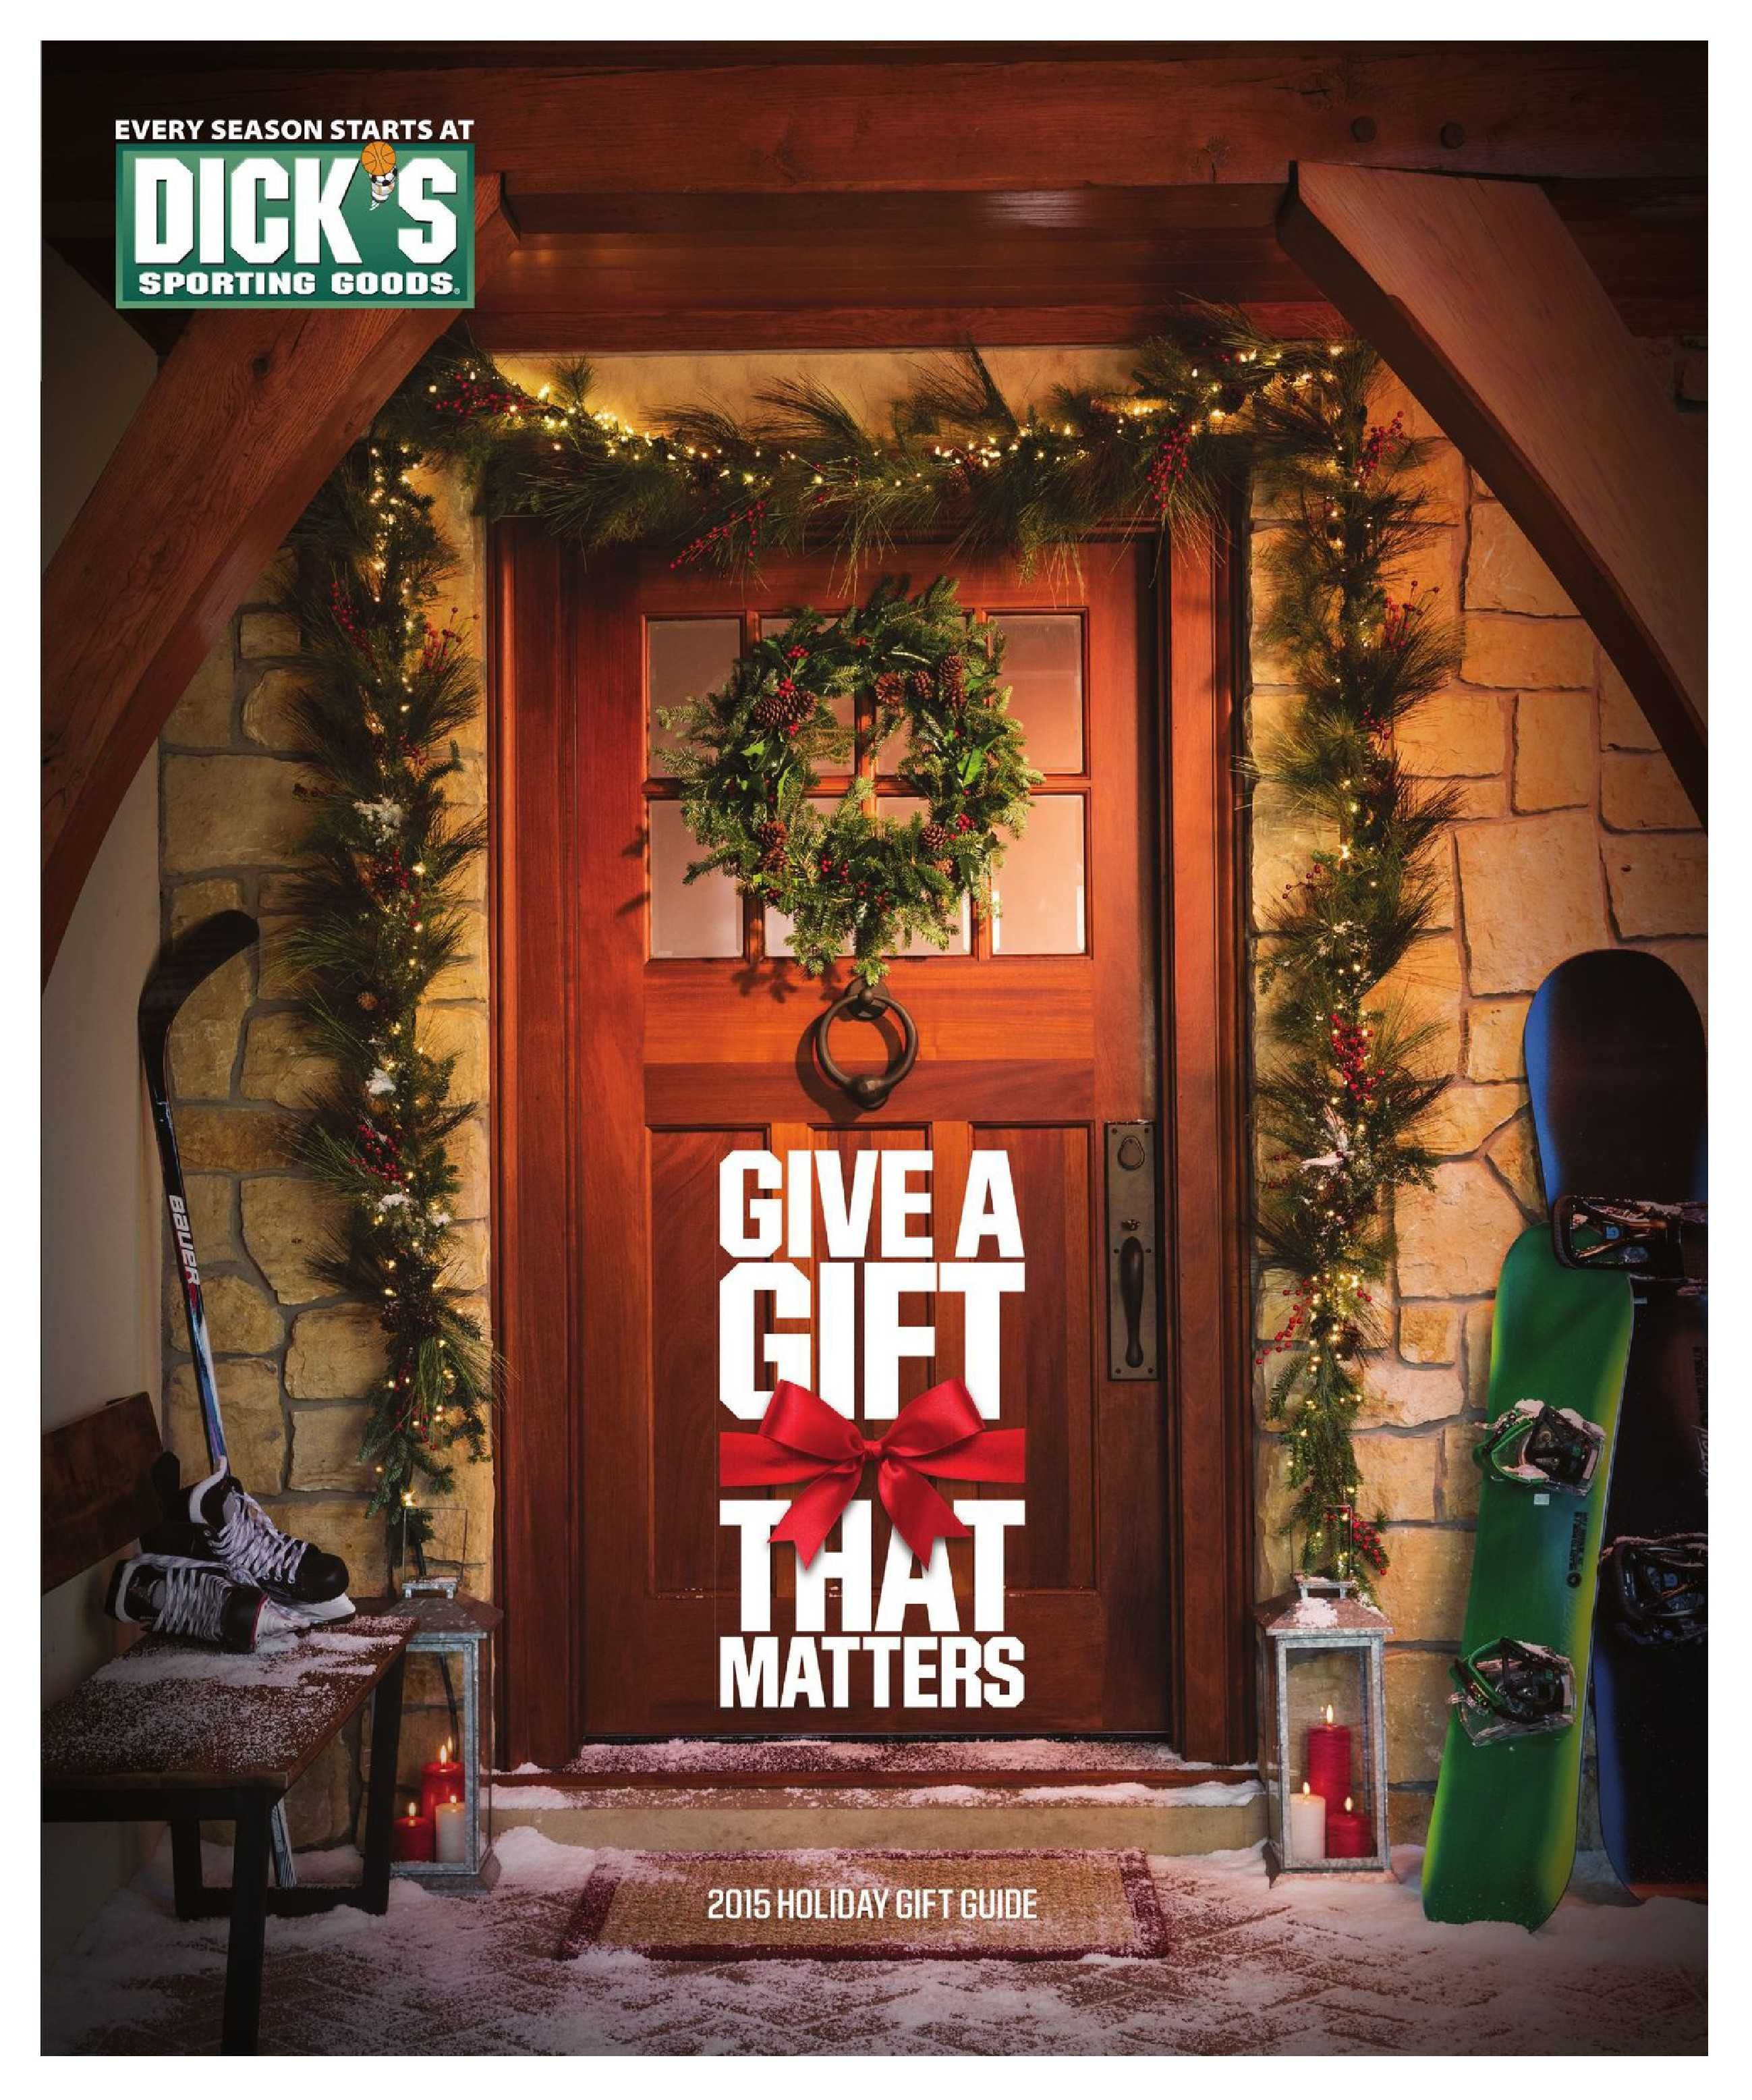 Dick's Sporting Goods Catalog November 9 - 21, 2015 - http://www.olcatalog.com/sports-toys/dicks-sporting-goods-ad.html